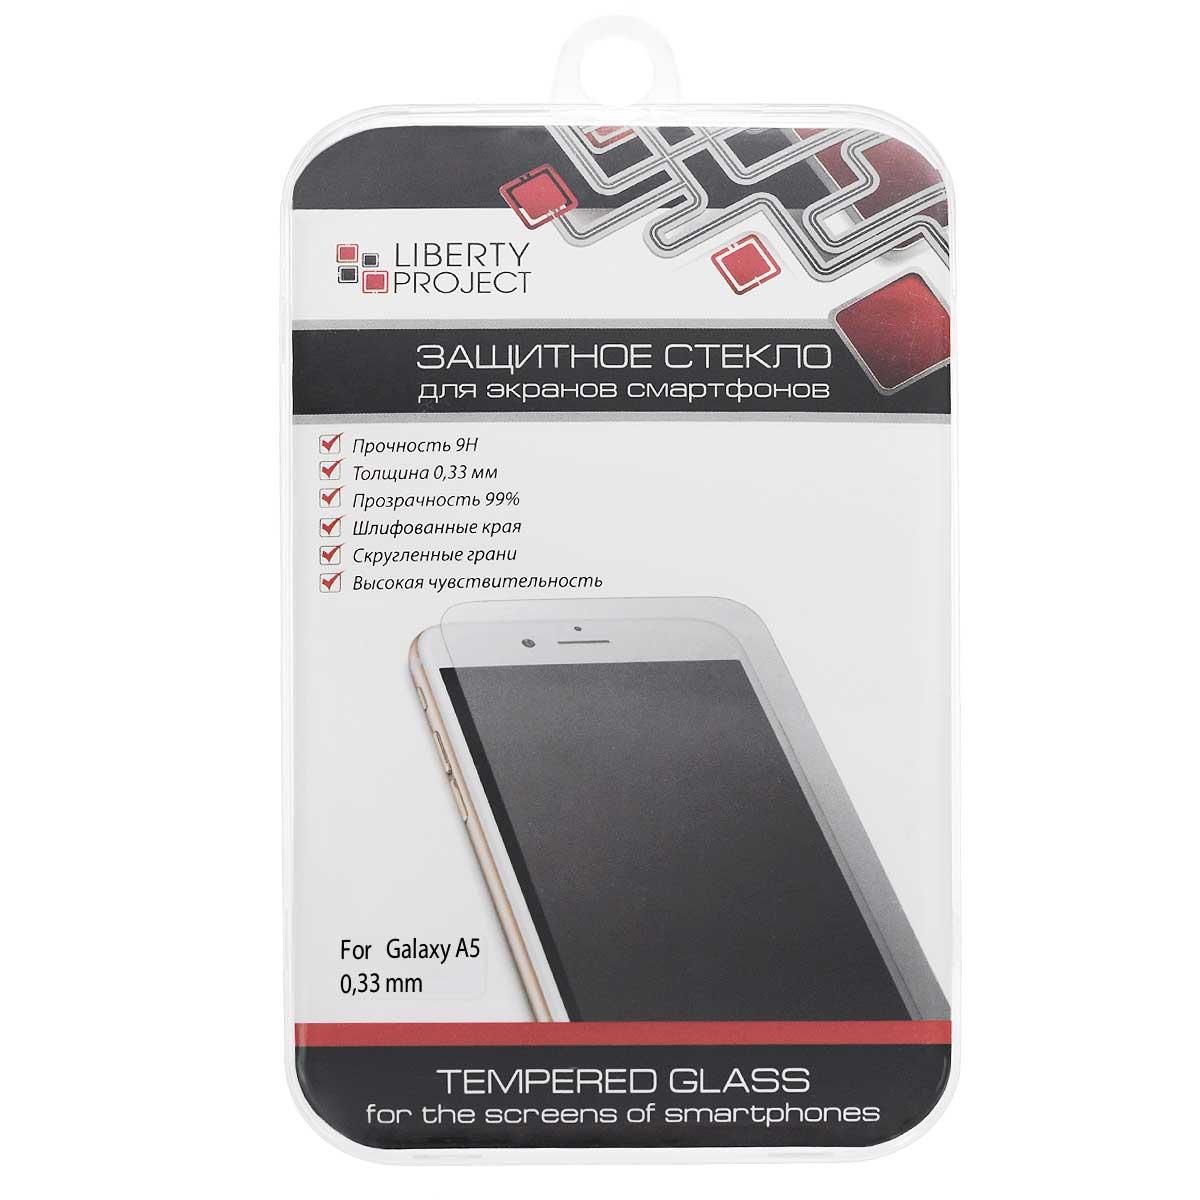 Liberty Project Tempered Glass защитное стекло для Samsung Galaxy A5, Clear (0,33 мм)0L-00000354Защитное стекло Liberty Project Tempered Glass предназначено для защиты поверхности экрана, от царапин, потертостей, отпечатков пальцев и прочих следов механического воздействия. Гарантирует высокую чувствительность при работе с устройством. Данная модель также обладает антибликовым и водоотталкивающим эффектом.